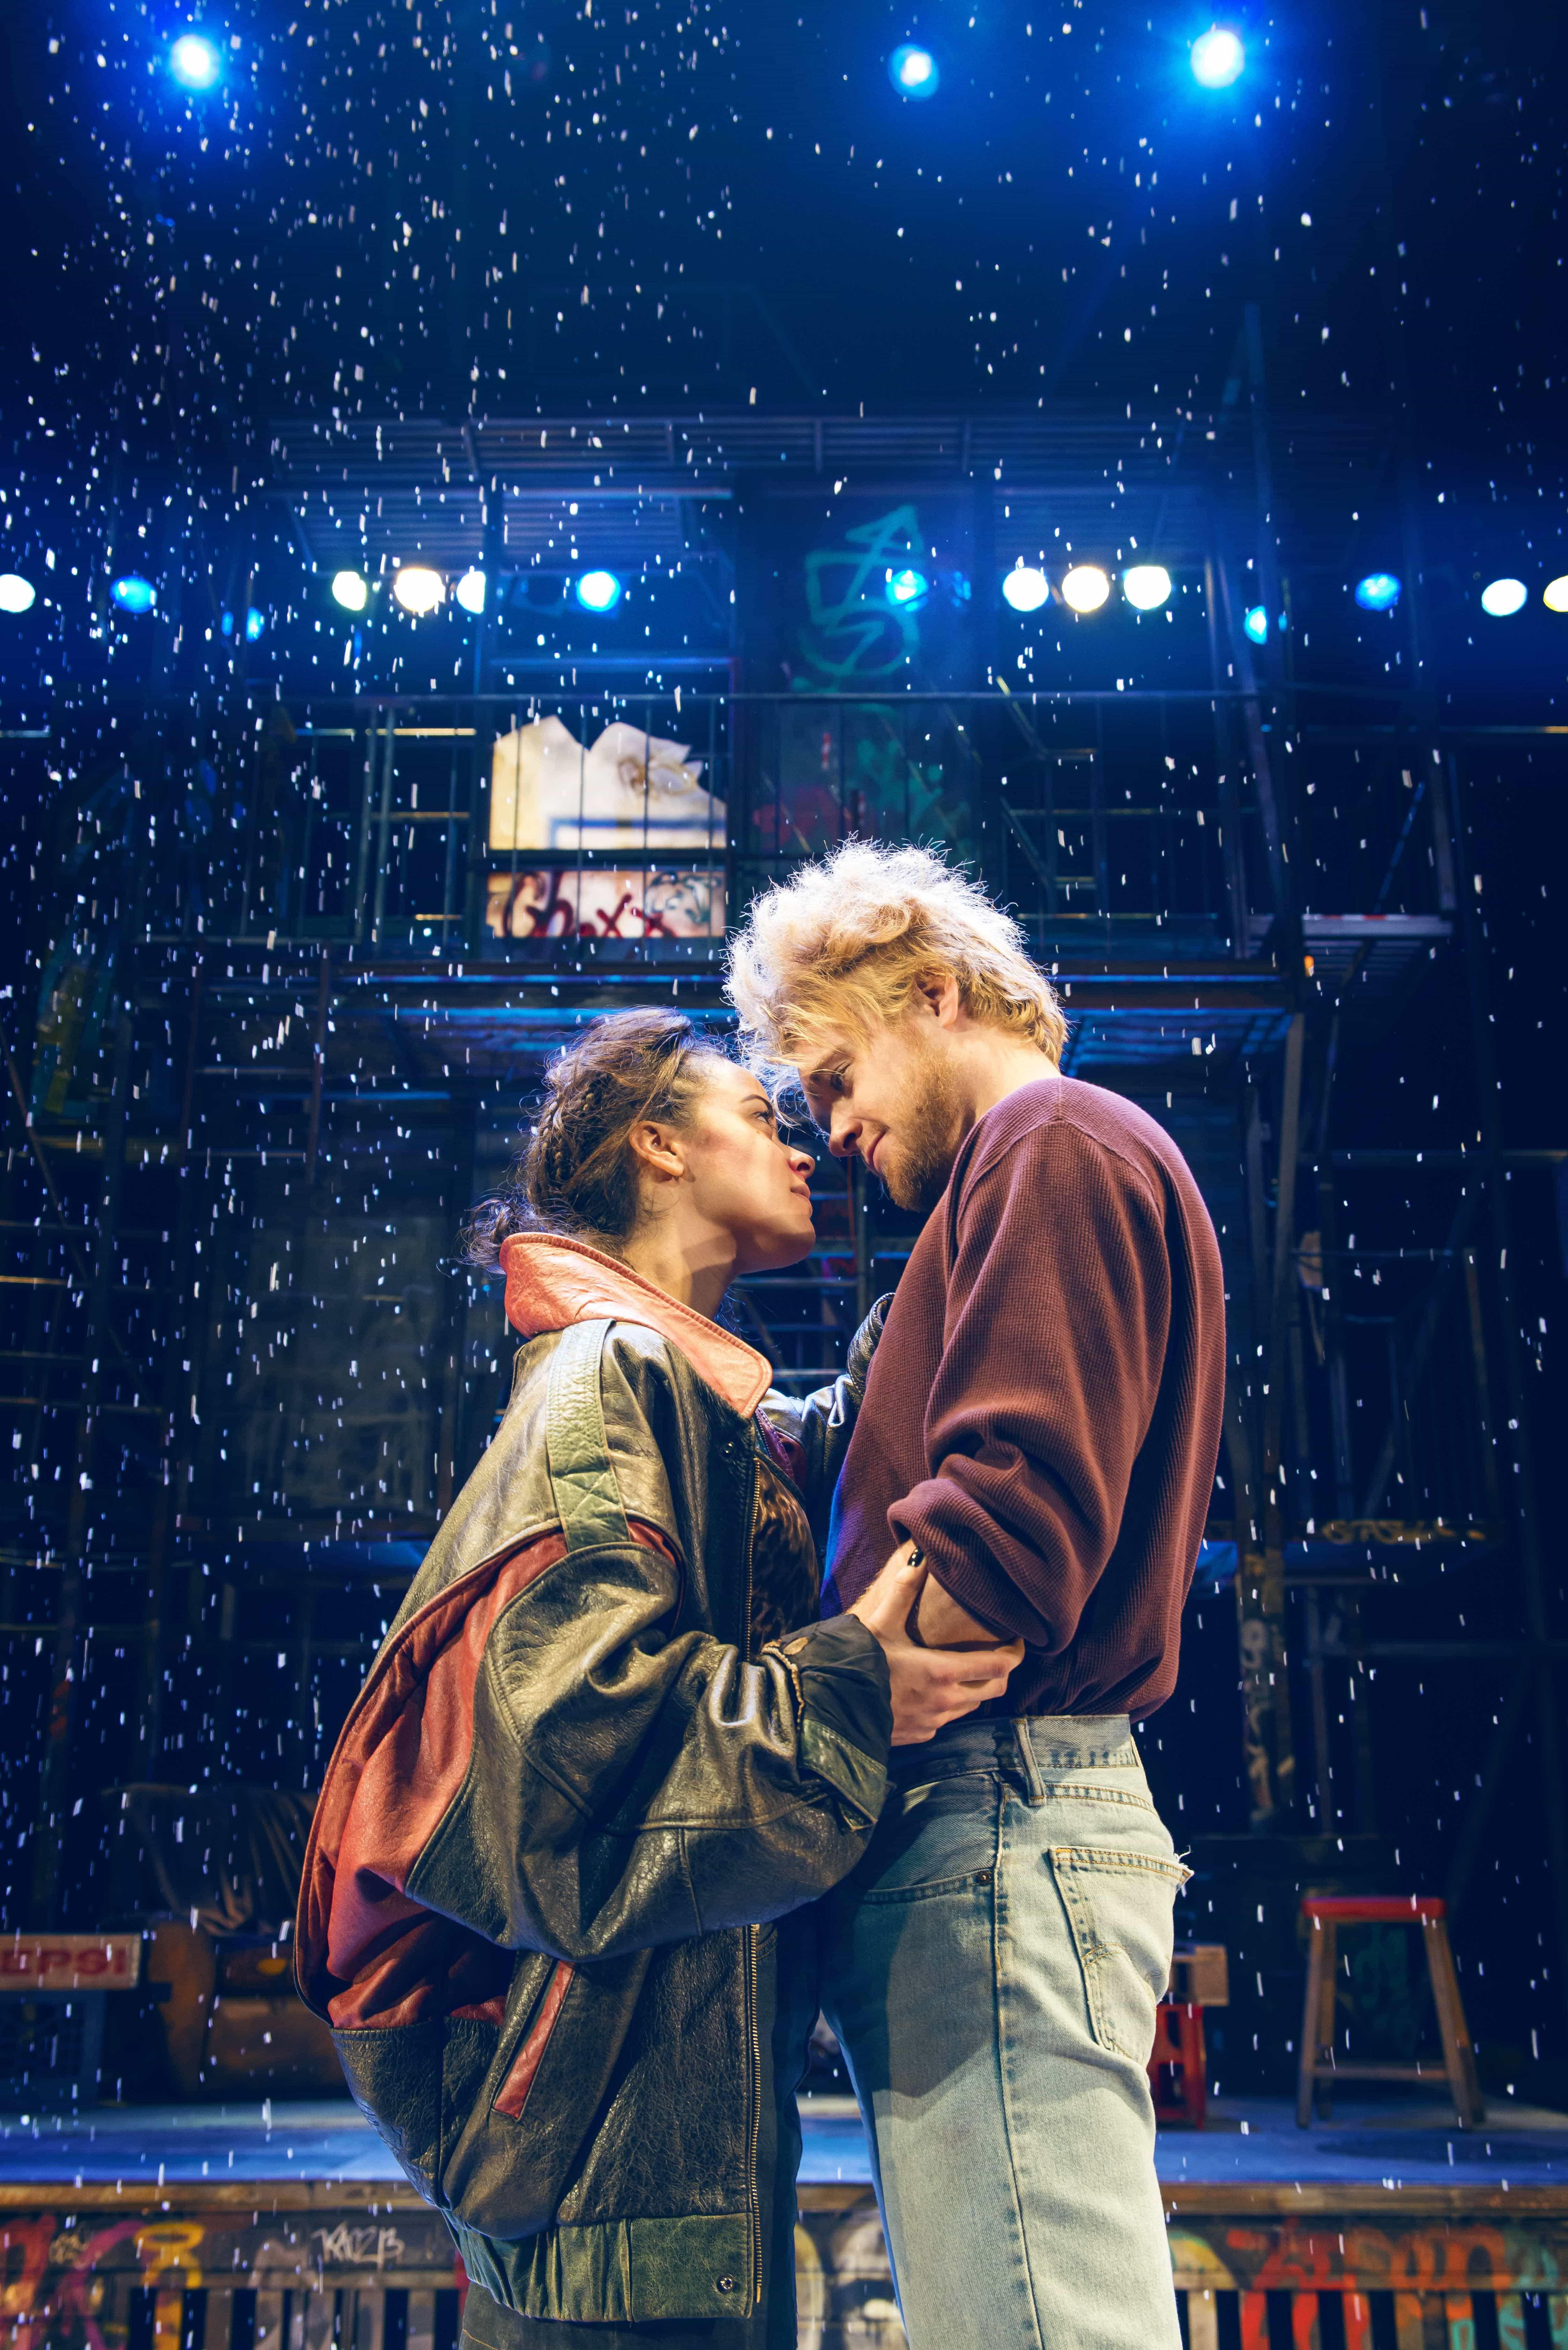 LtoR Philippa Stefani as Mimi and Ross Hunter as Roger in RENT. Credit Matt Crockett